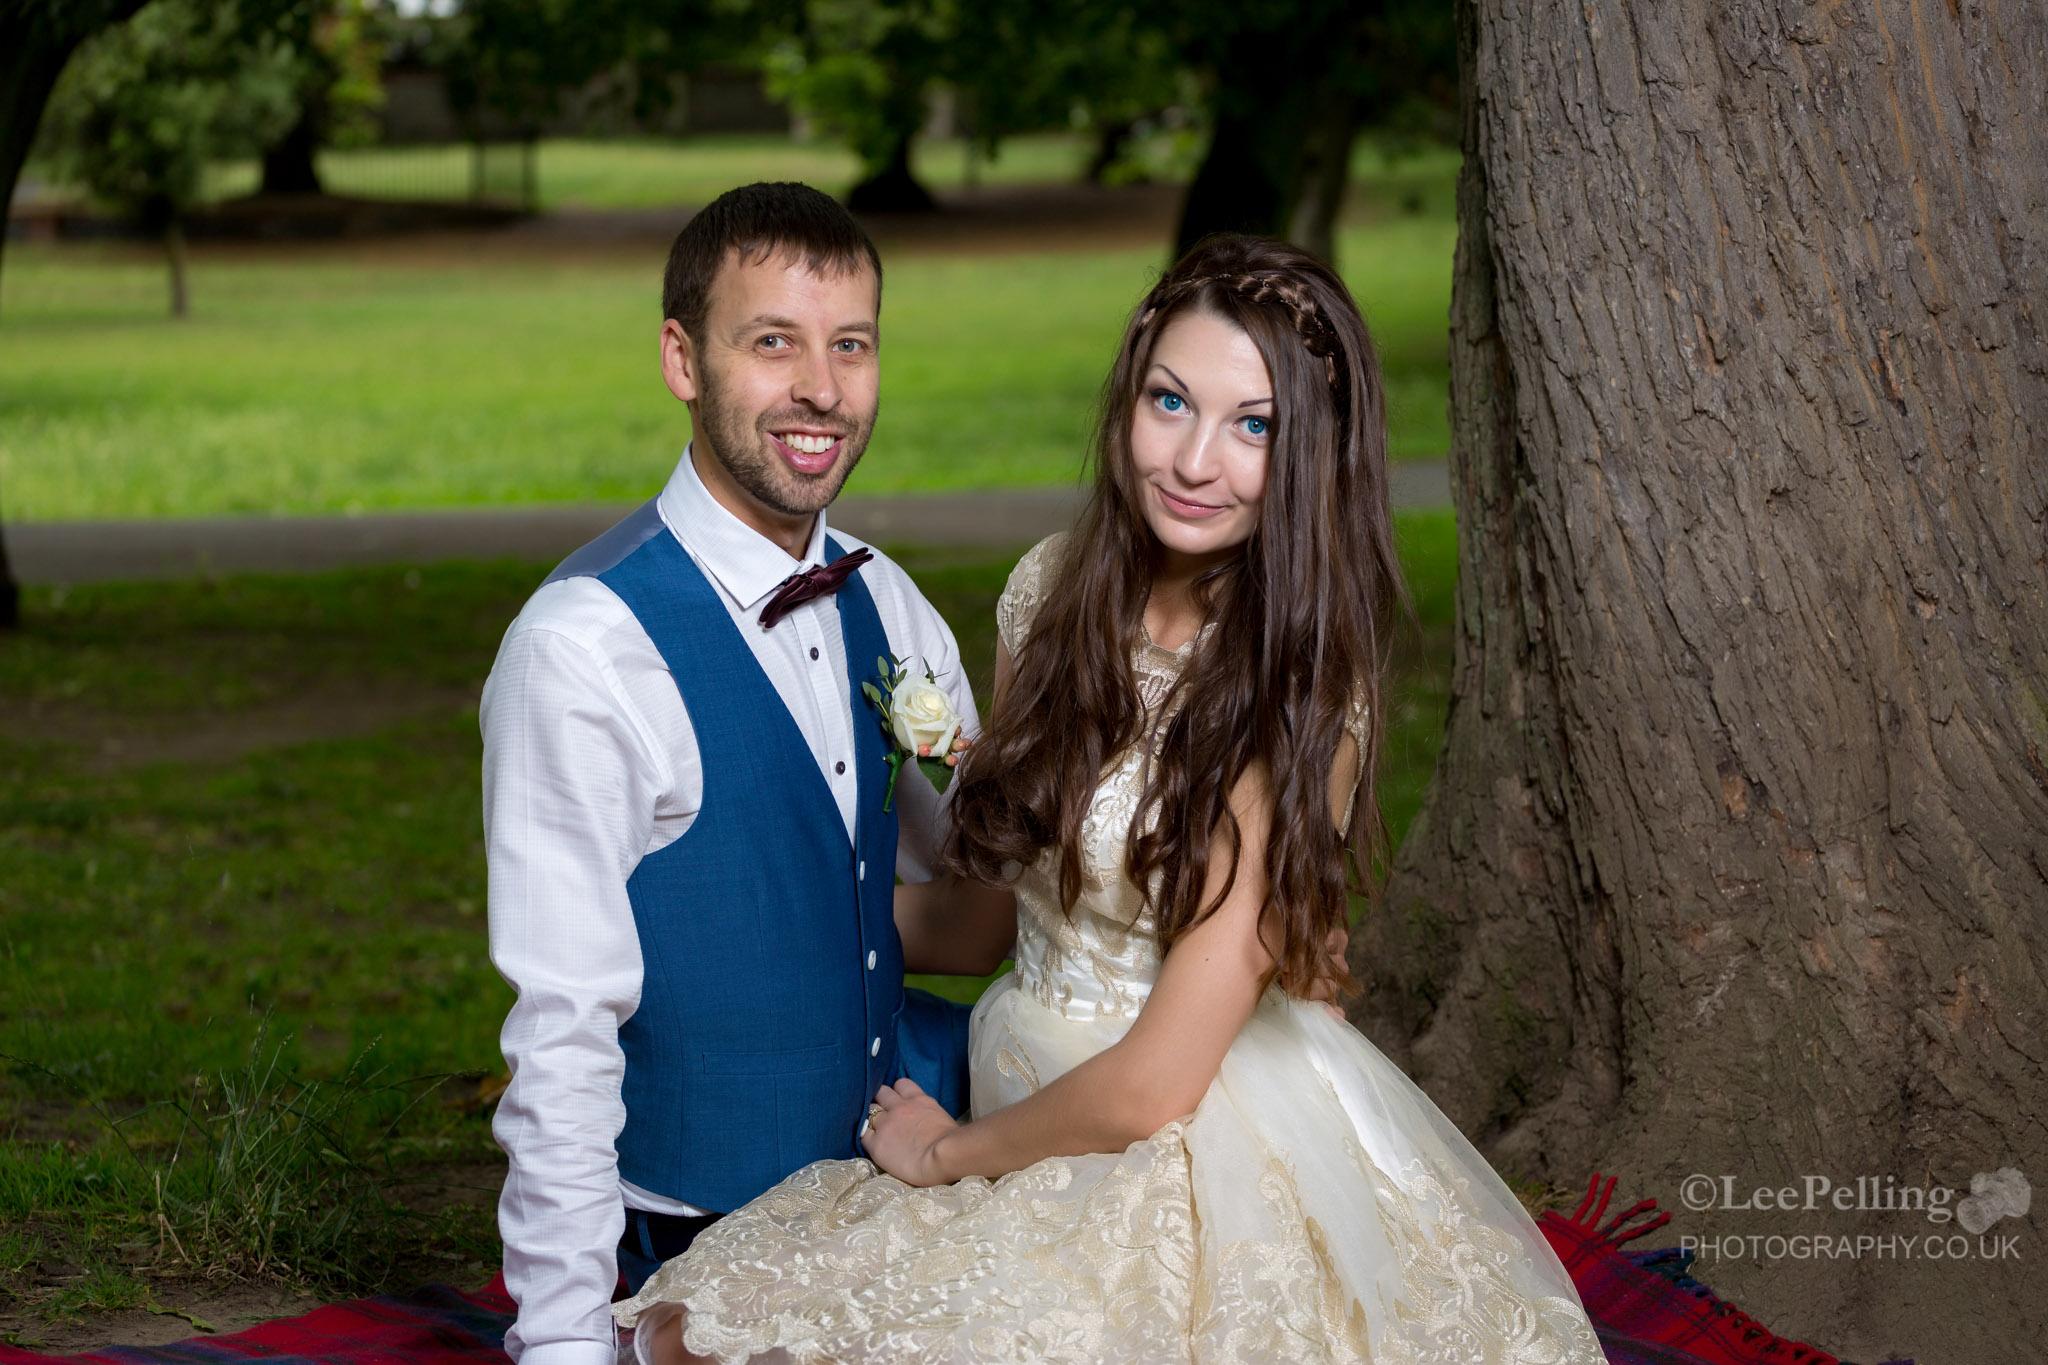 Chris and Alina